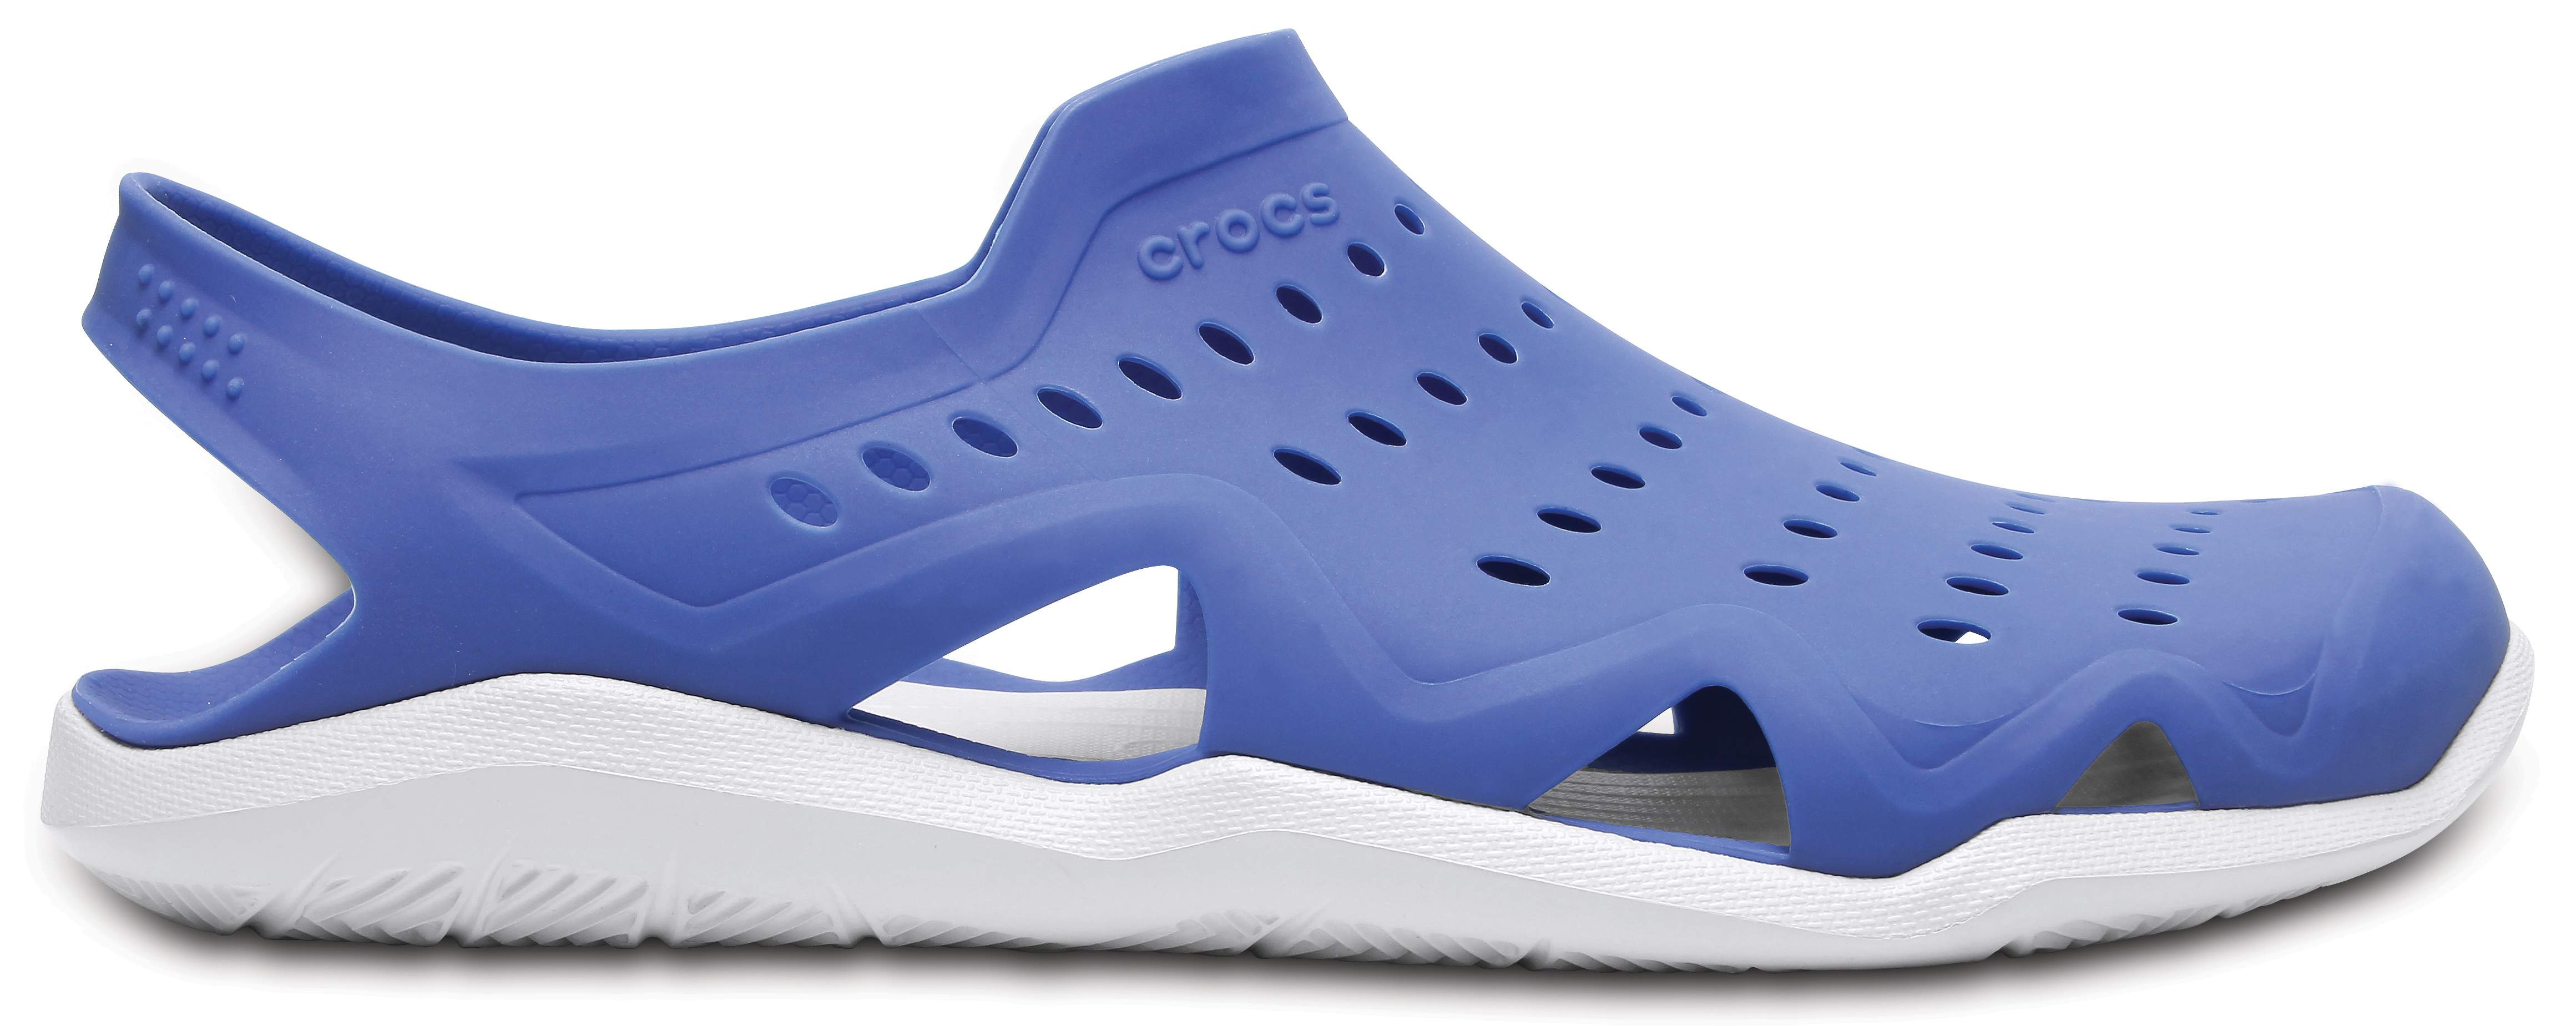 Crocs Men's Swiftwater Wave Croslite Waterproof Sandal Blue Jean/Pearl White-Blue-8 Size 8 iNMOyS